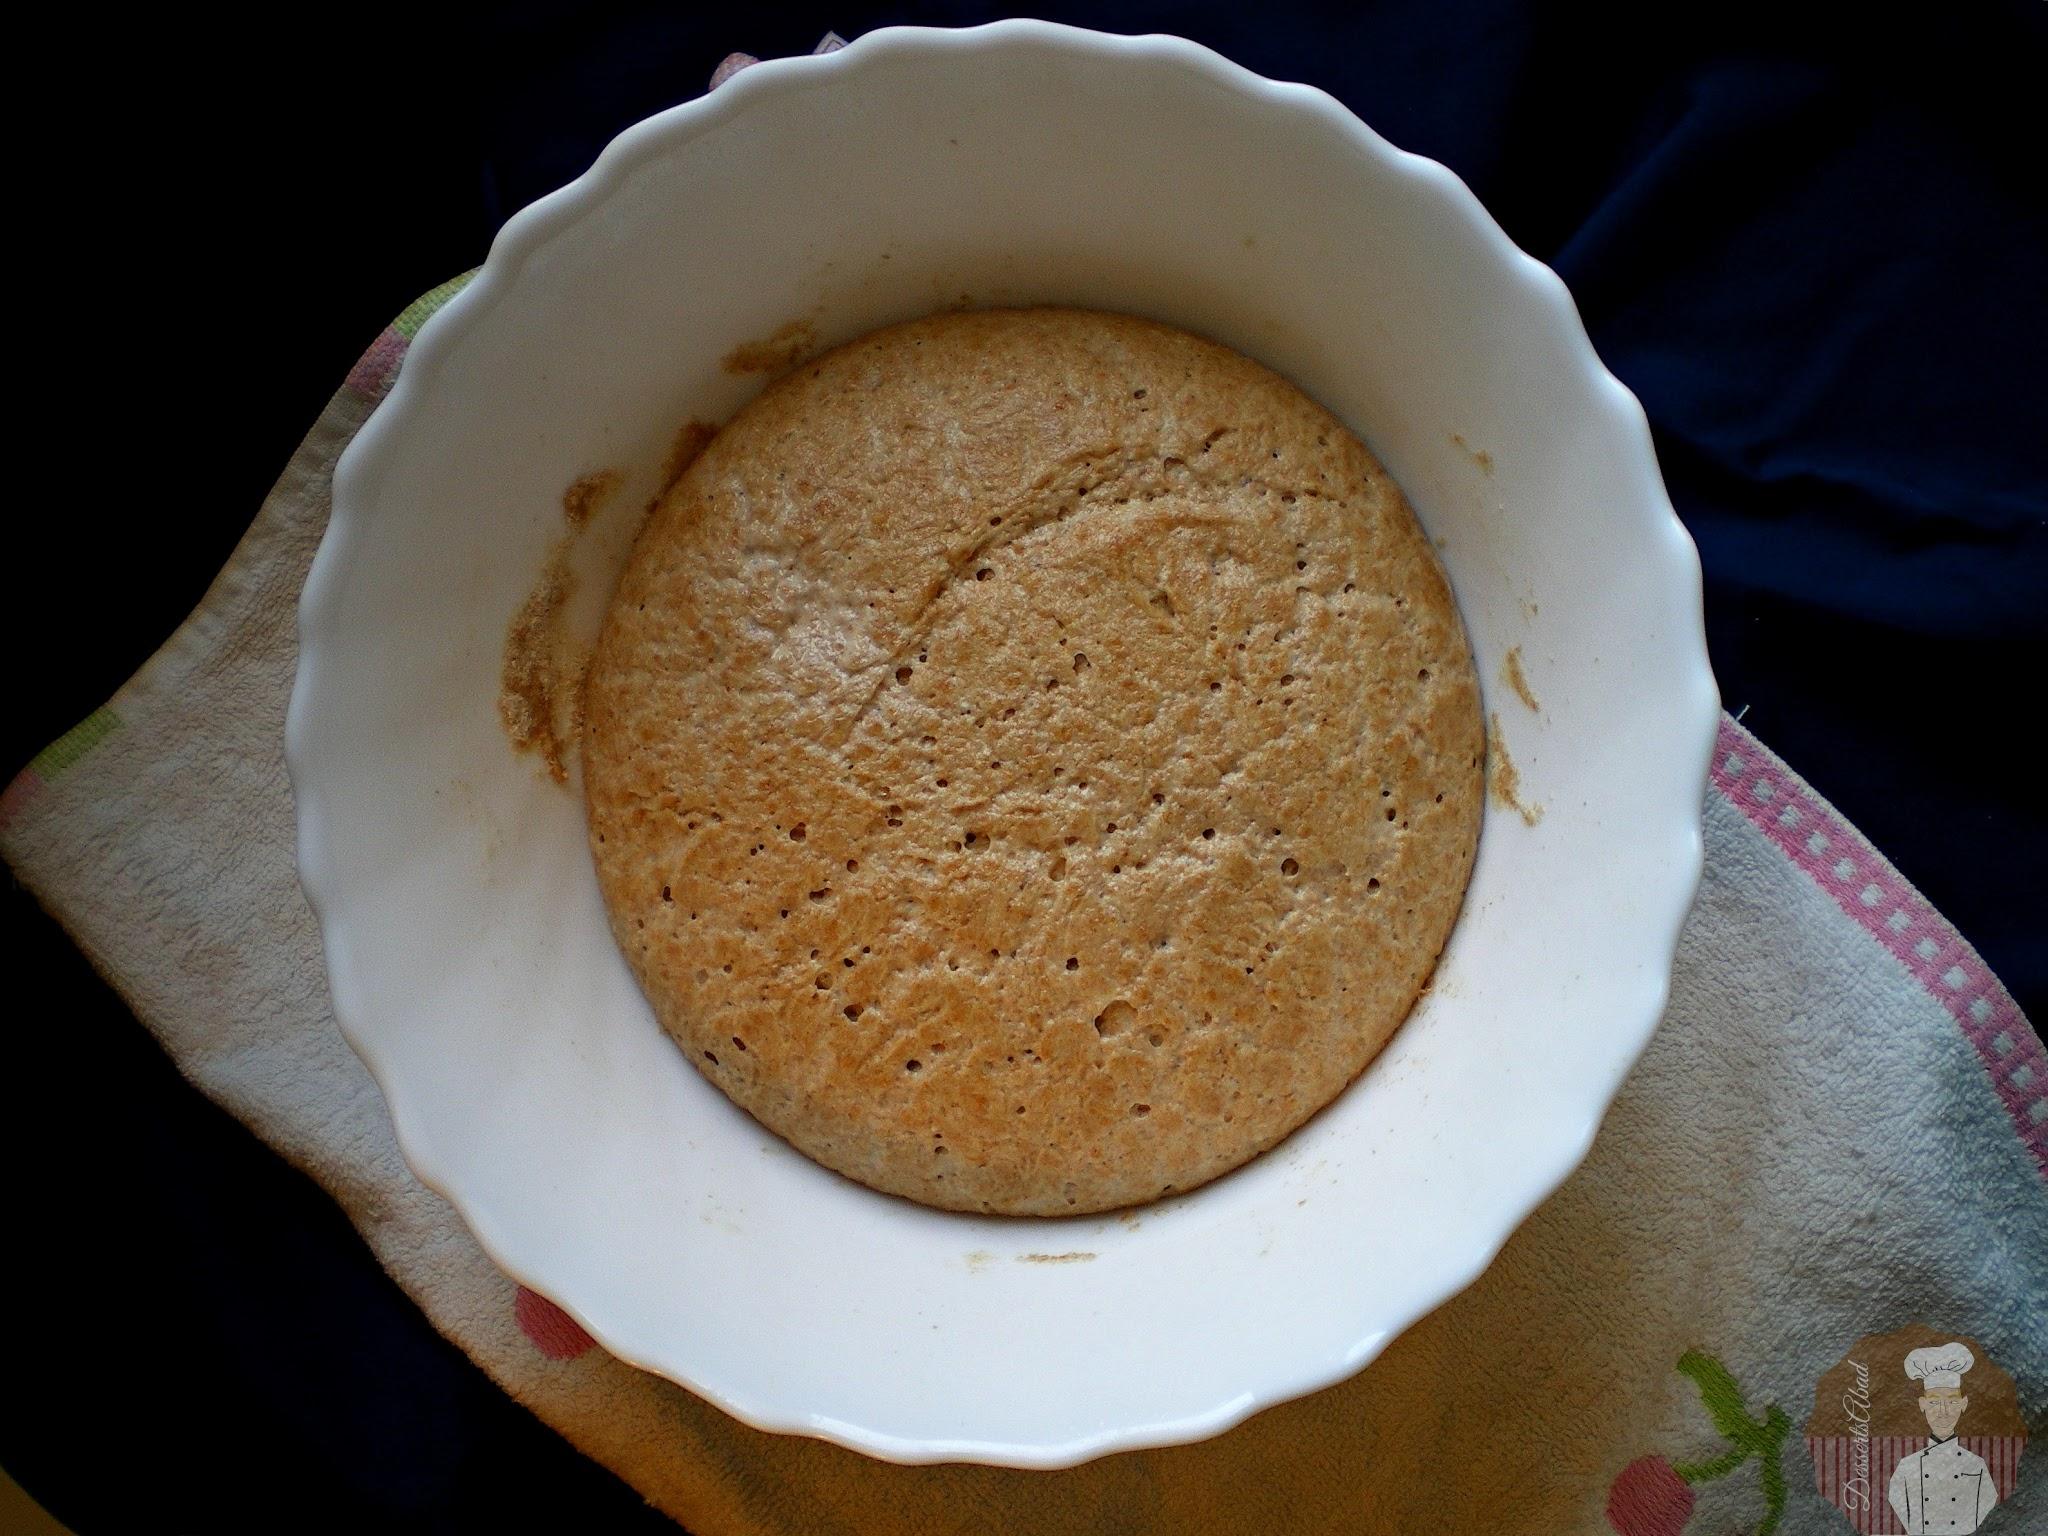 Börek con harina de espelta : Masa levada